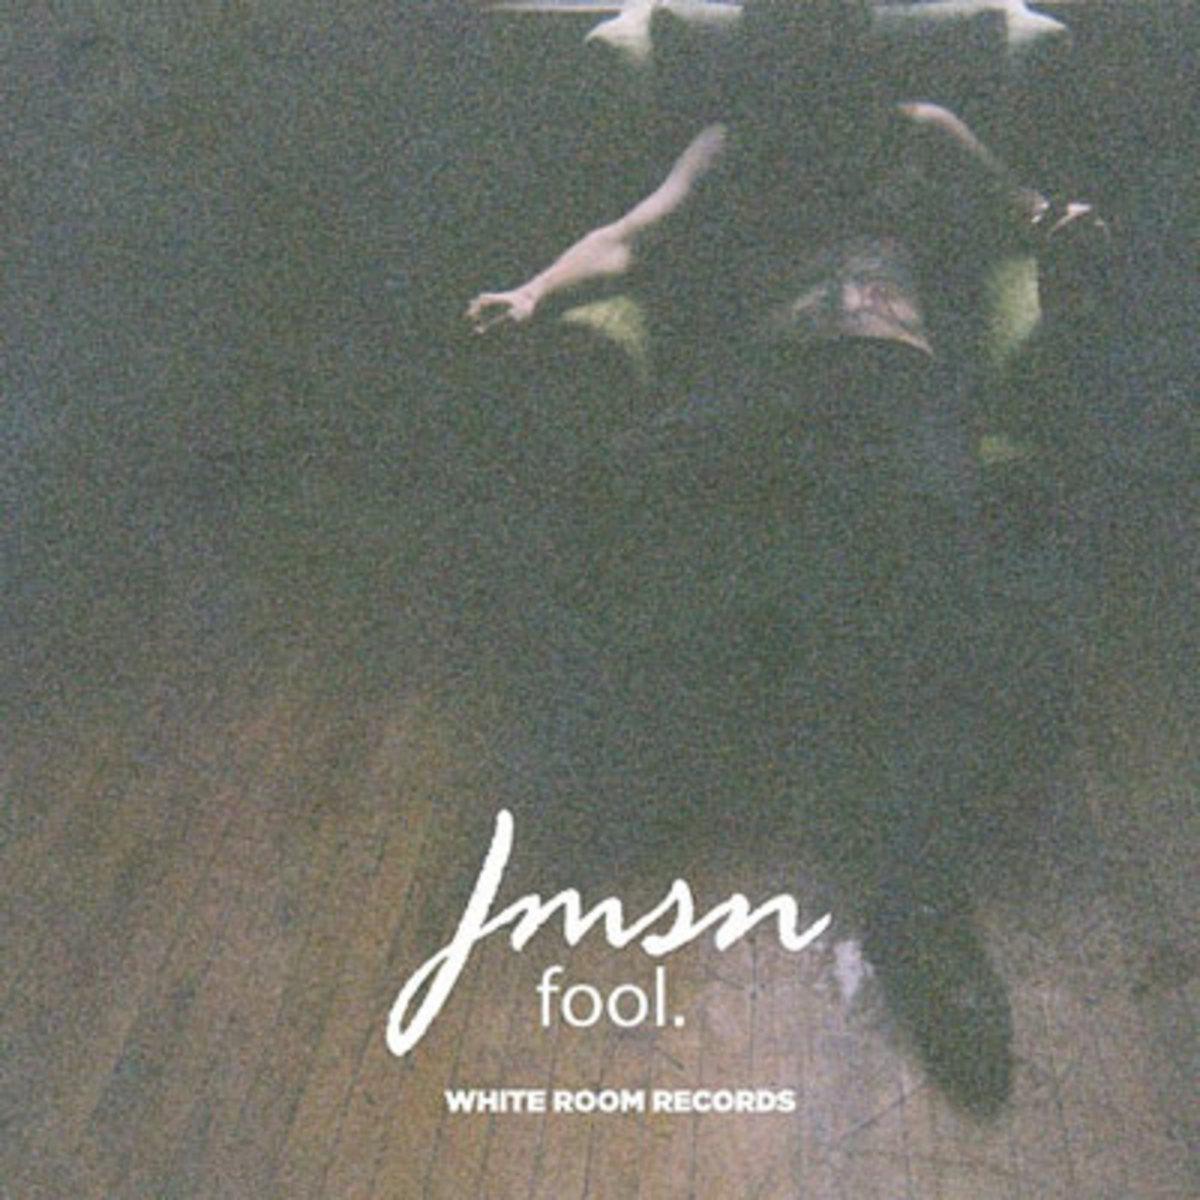 jmsn-fool.jpg